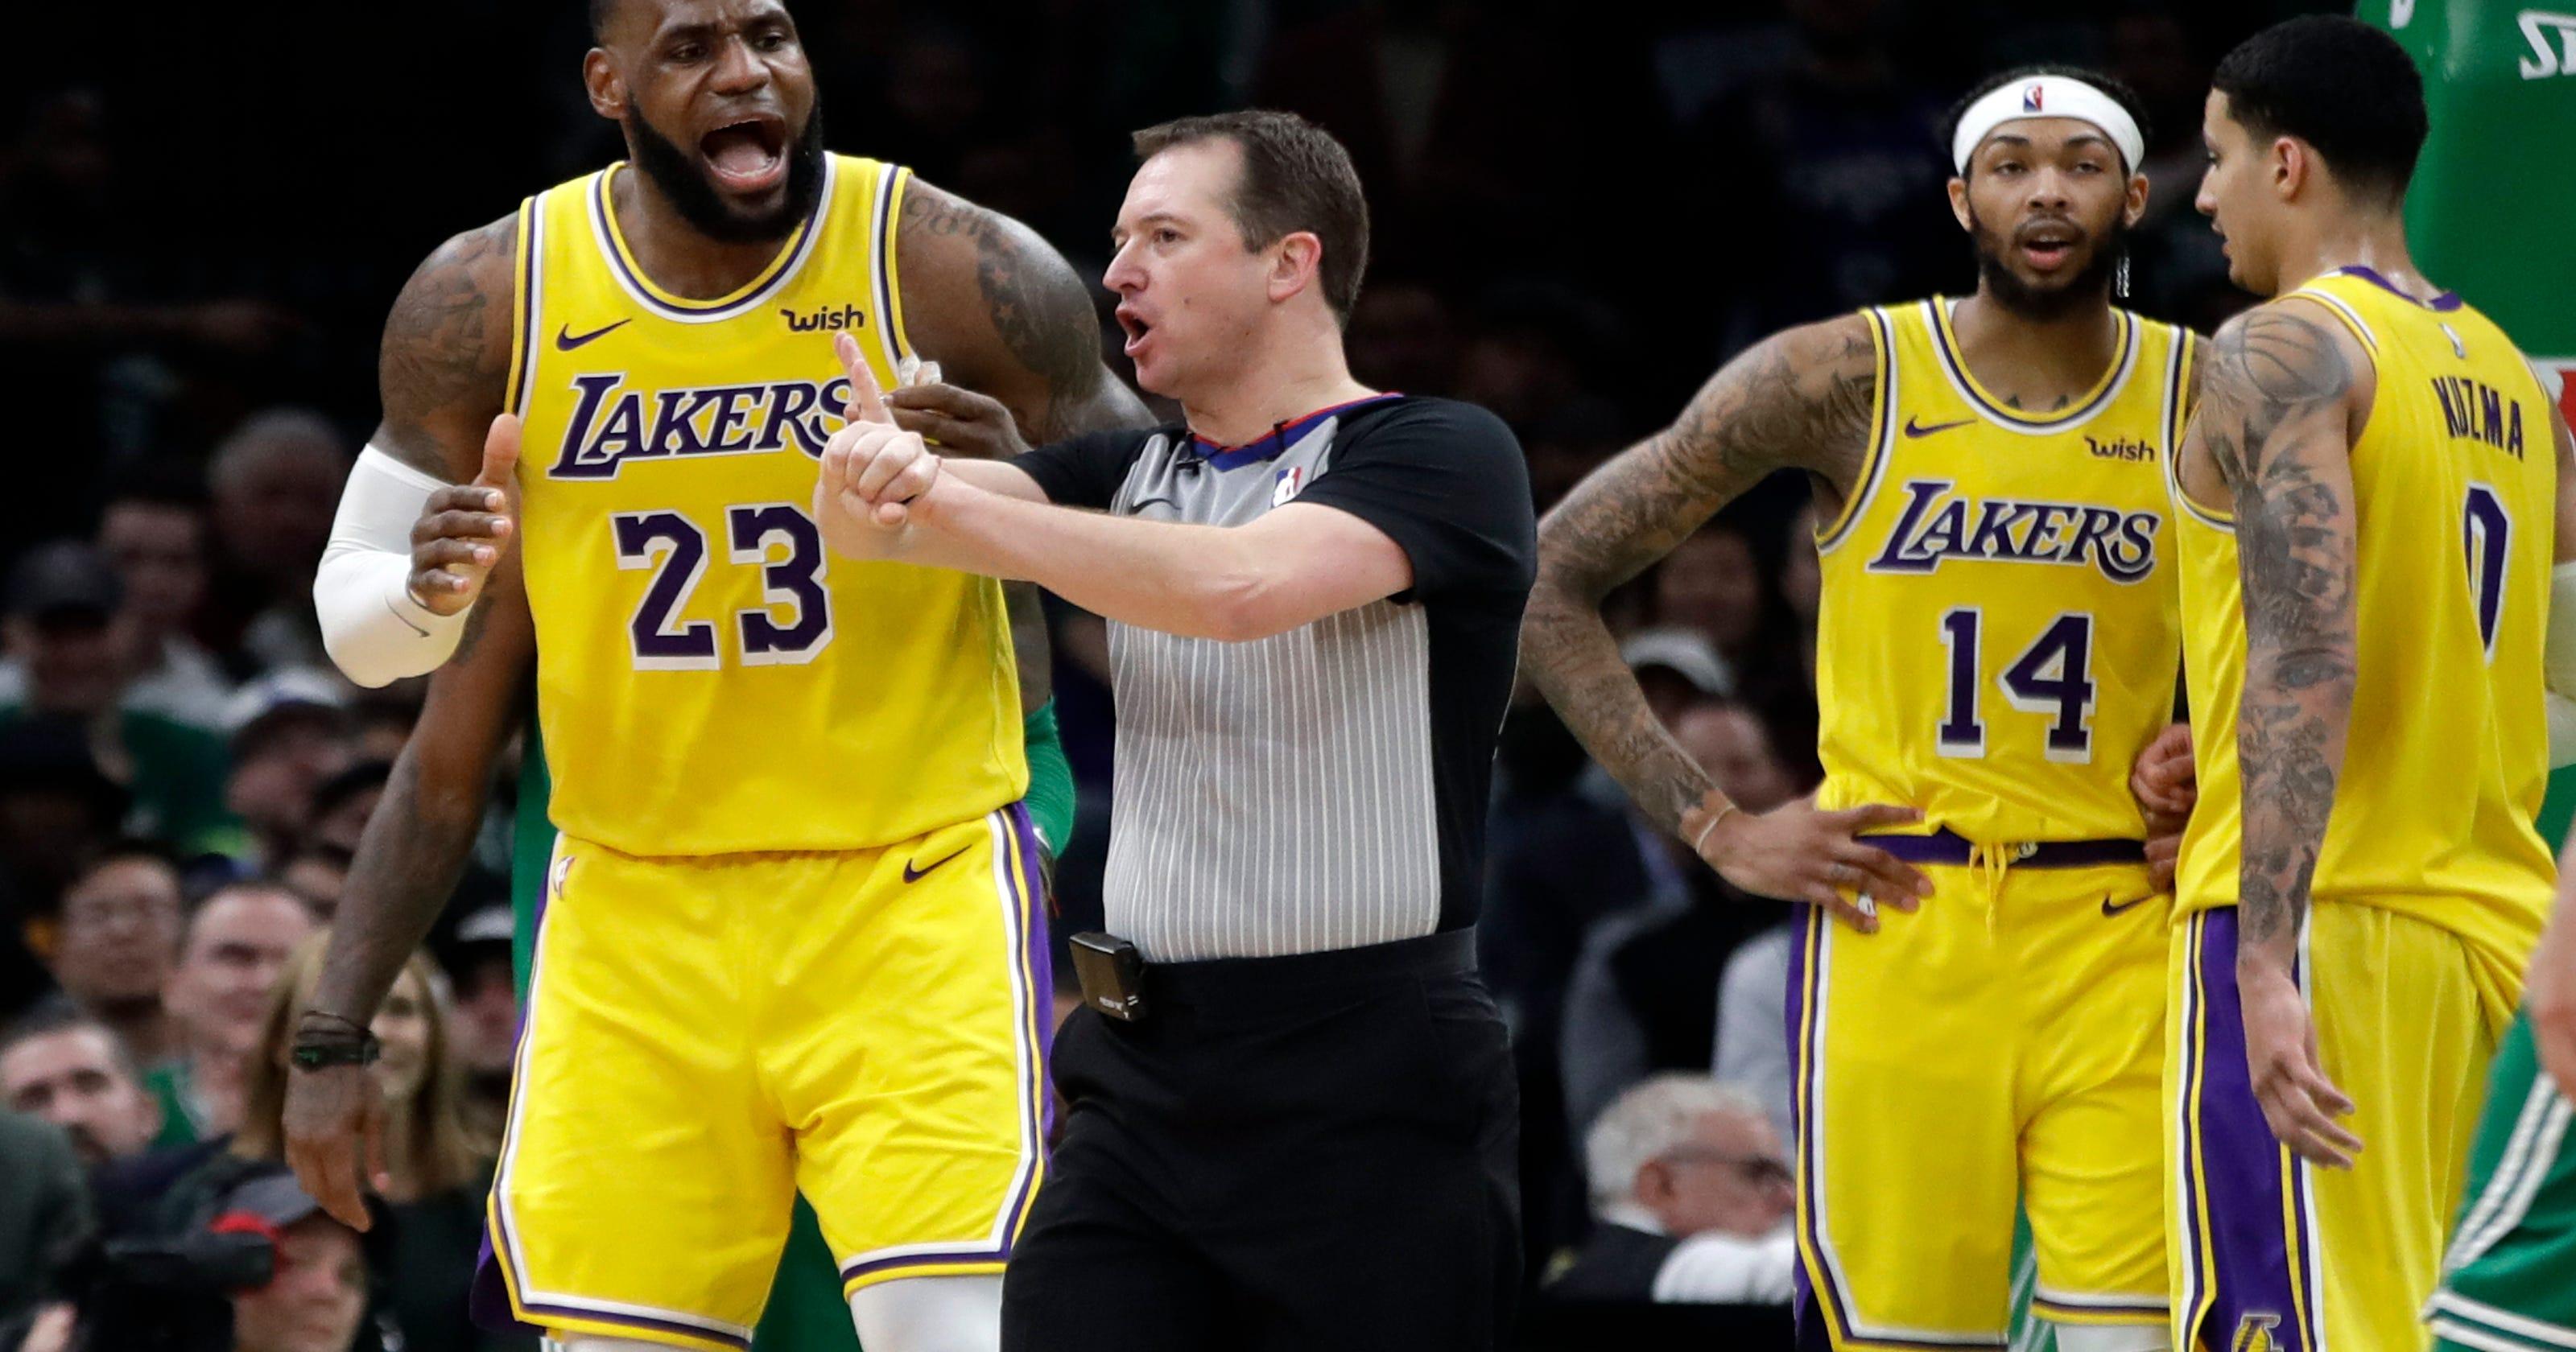 Rondo s jumper at buzzer lifts Lakers over Celtics 129-128 a42f35bd4